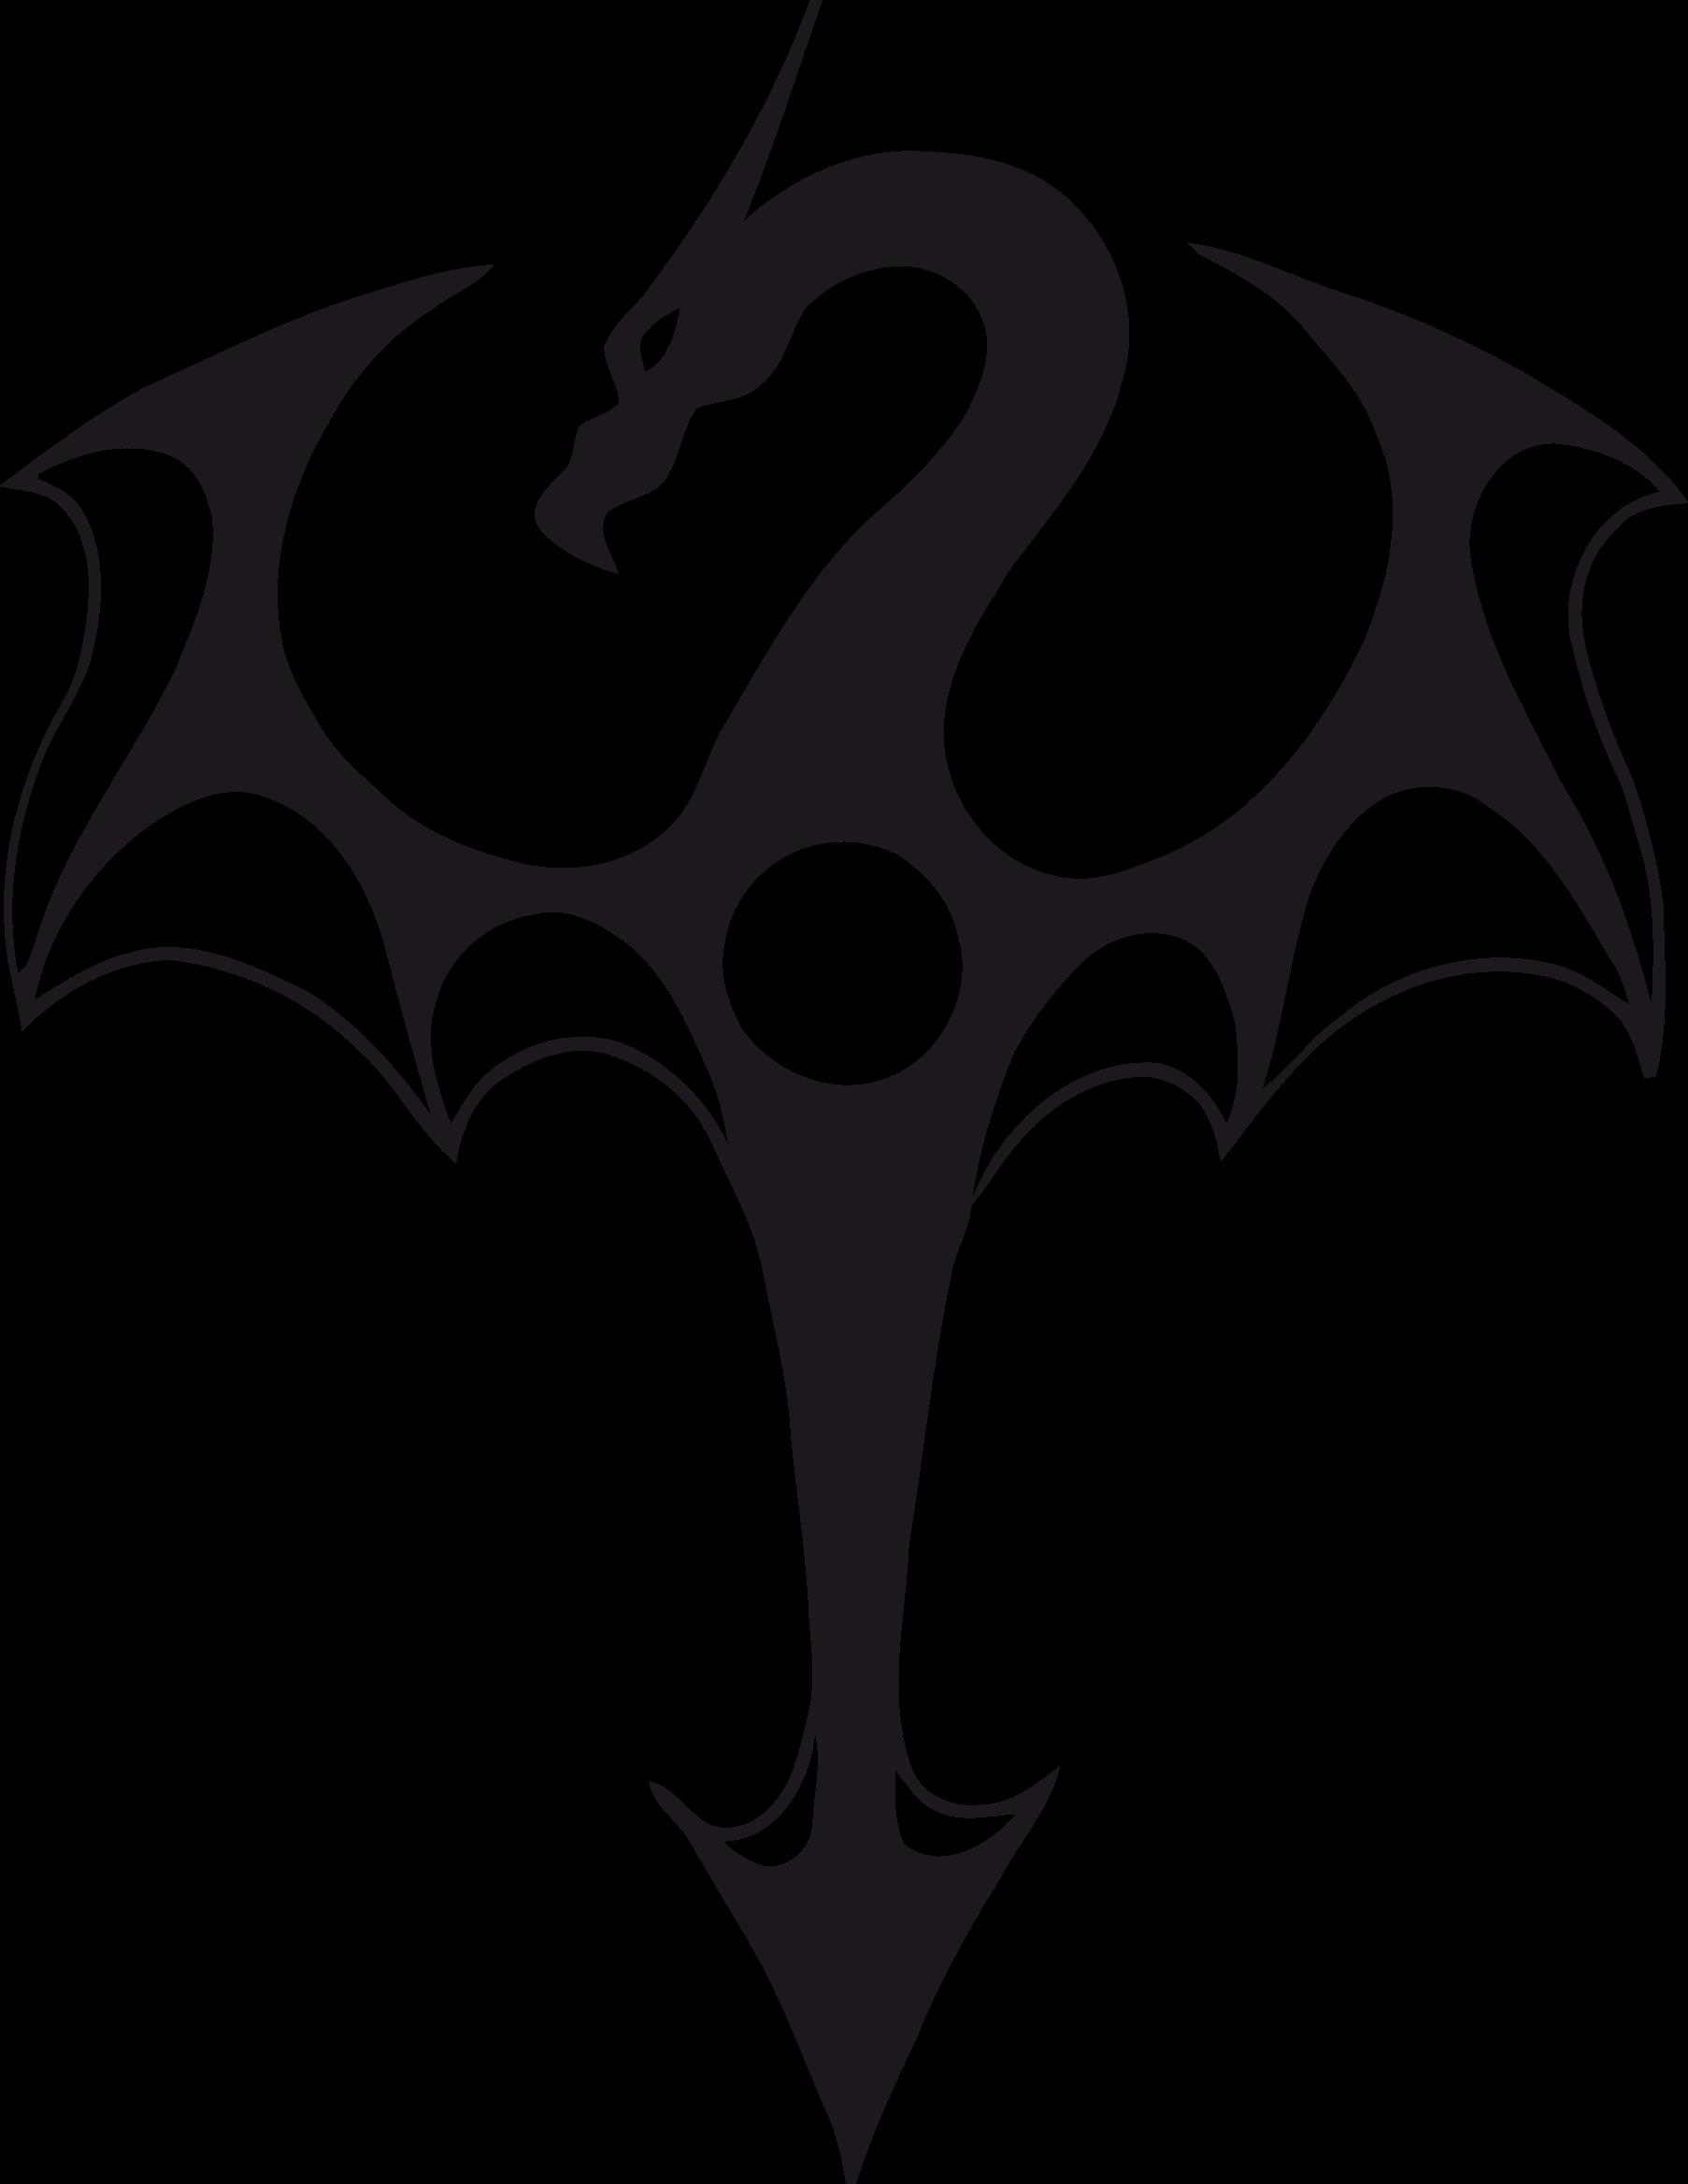 Clipart dragon big image. Arrow clip art tribal